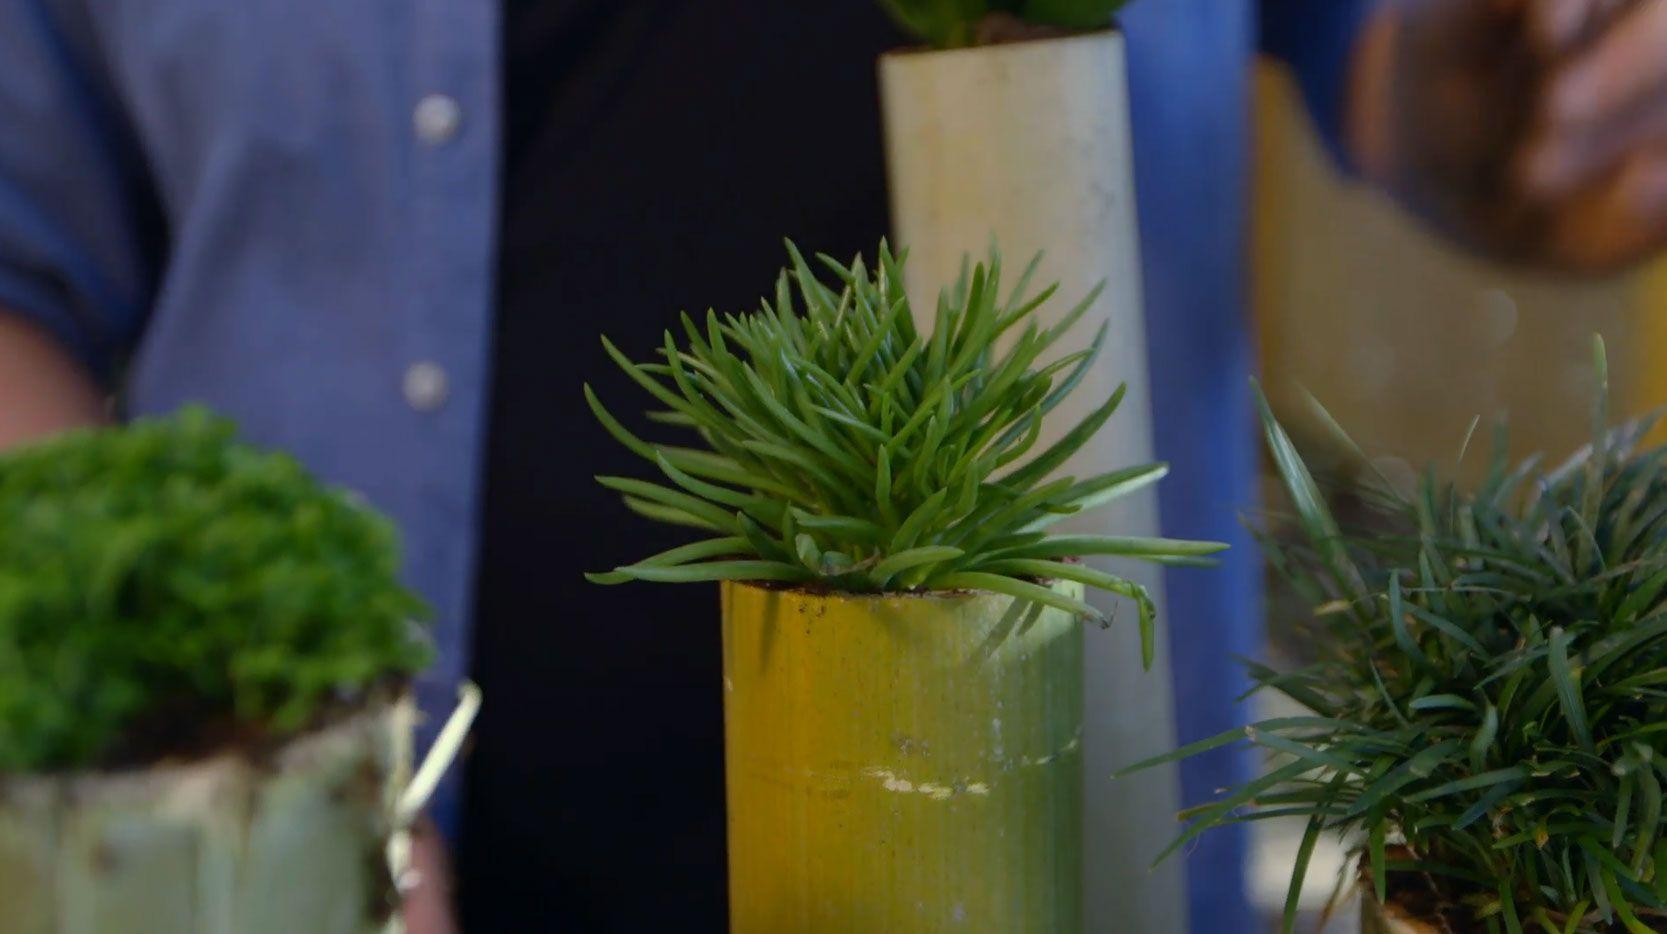 Tiestos y recipientes con tallos de bamb bricoman a - Macetas con bambu decoracion ...